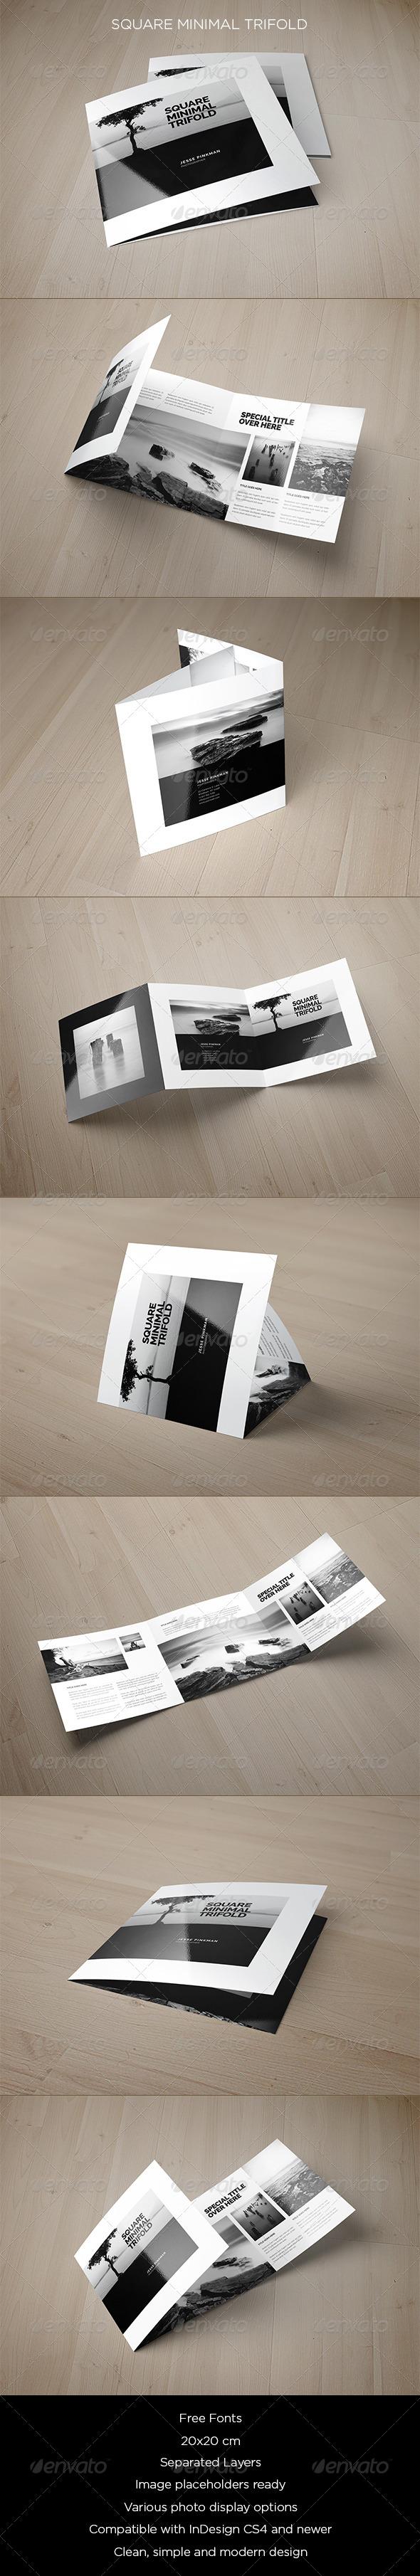 GraphicRiver Square Minimal Trifold 8376472